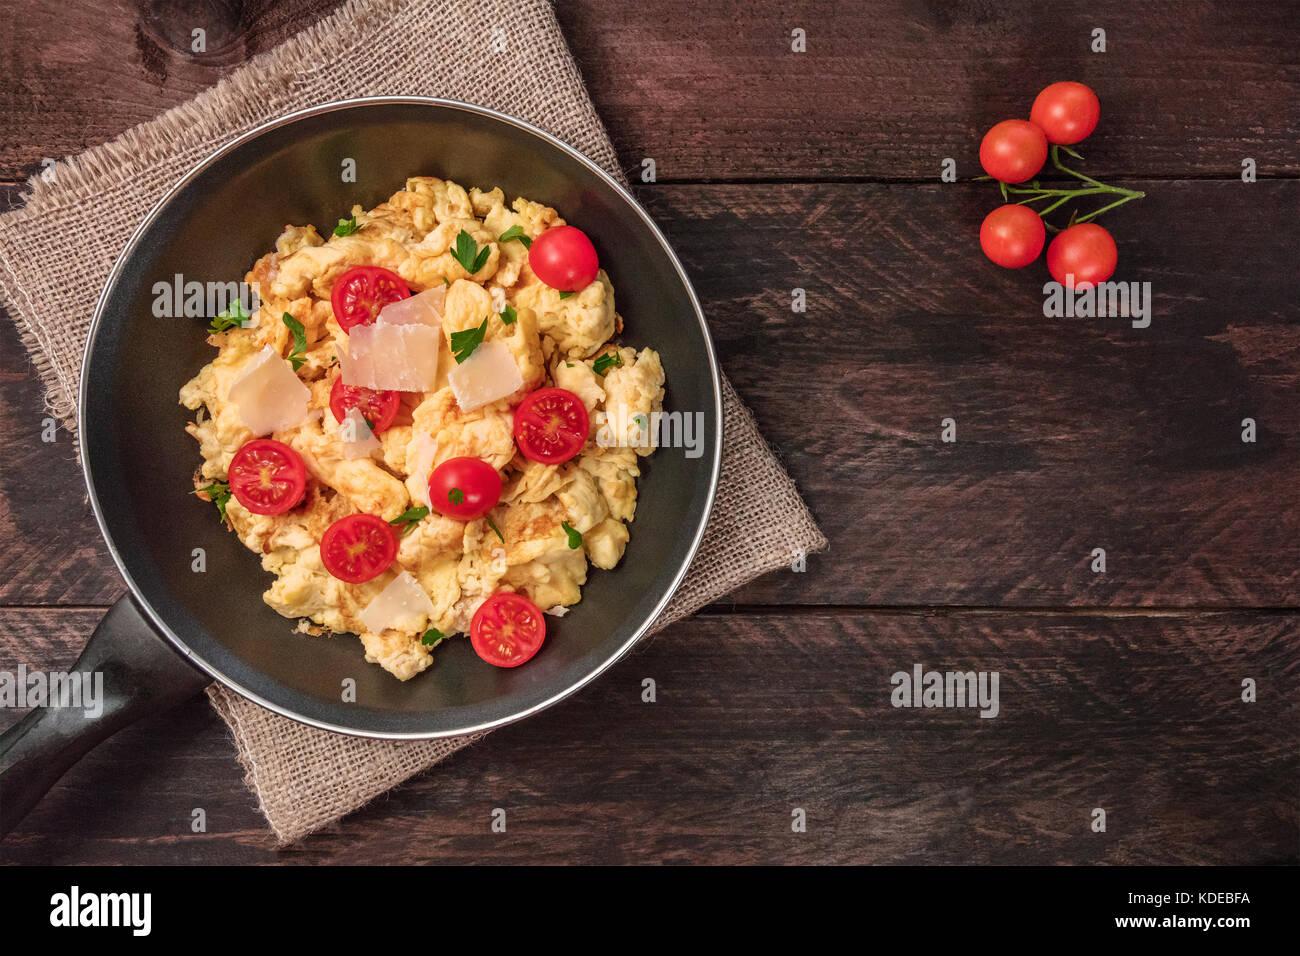 Huevos revueltos en sartén con espacio de copia Imagen De Stock